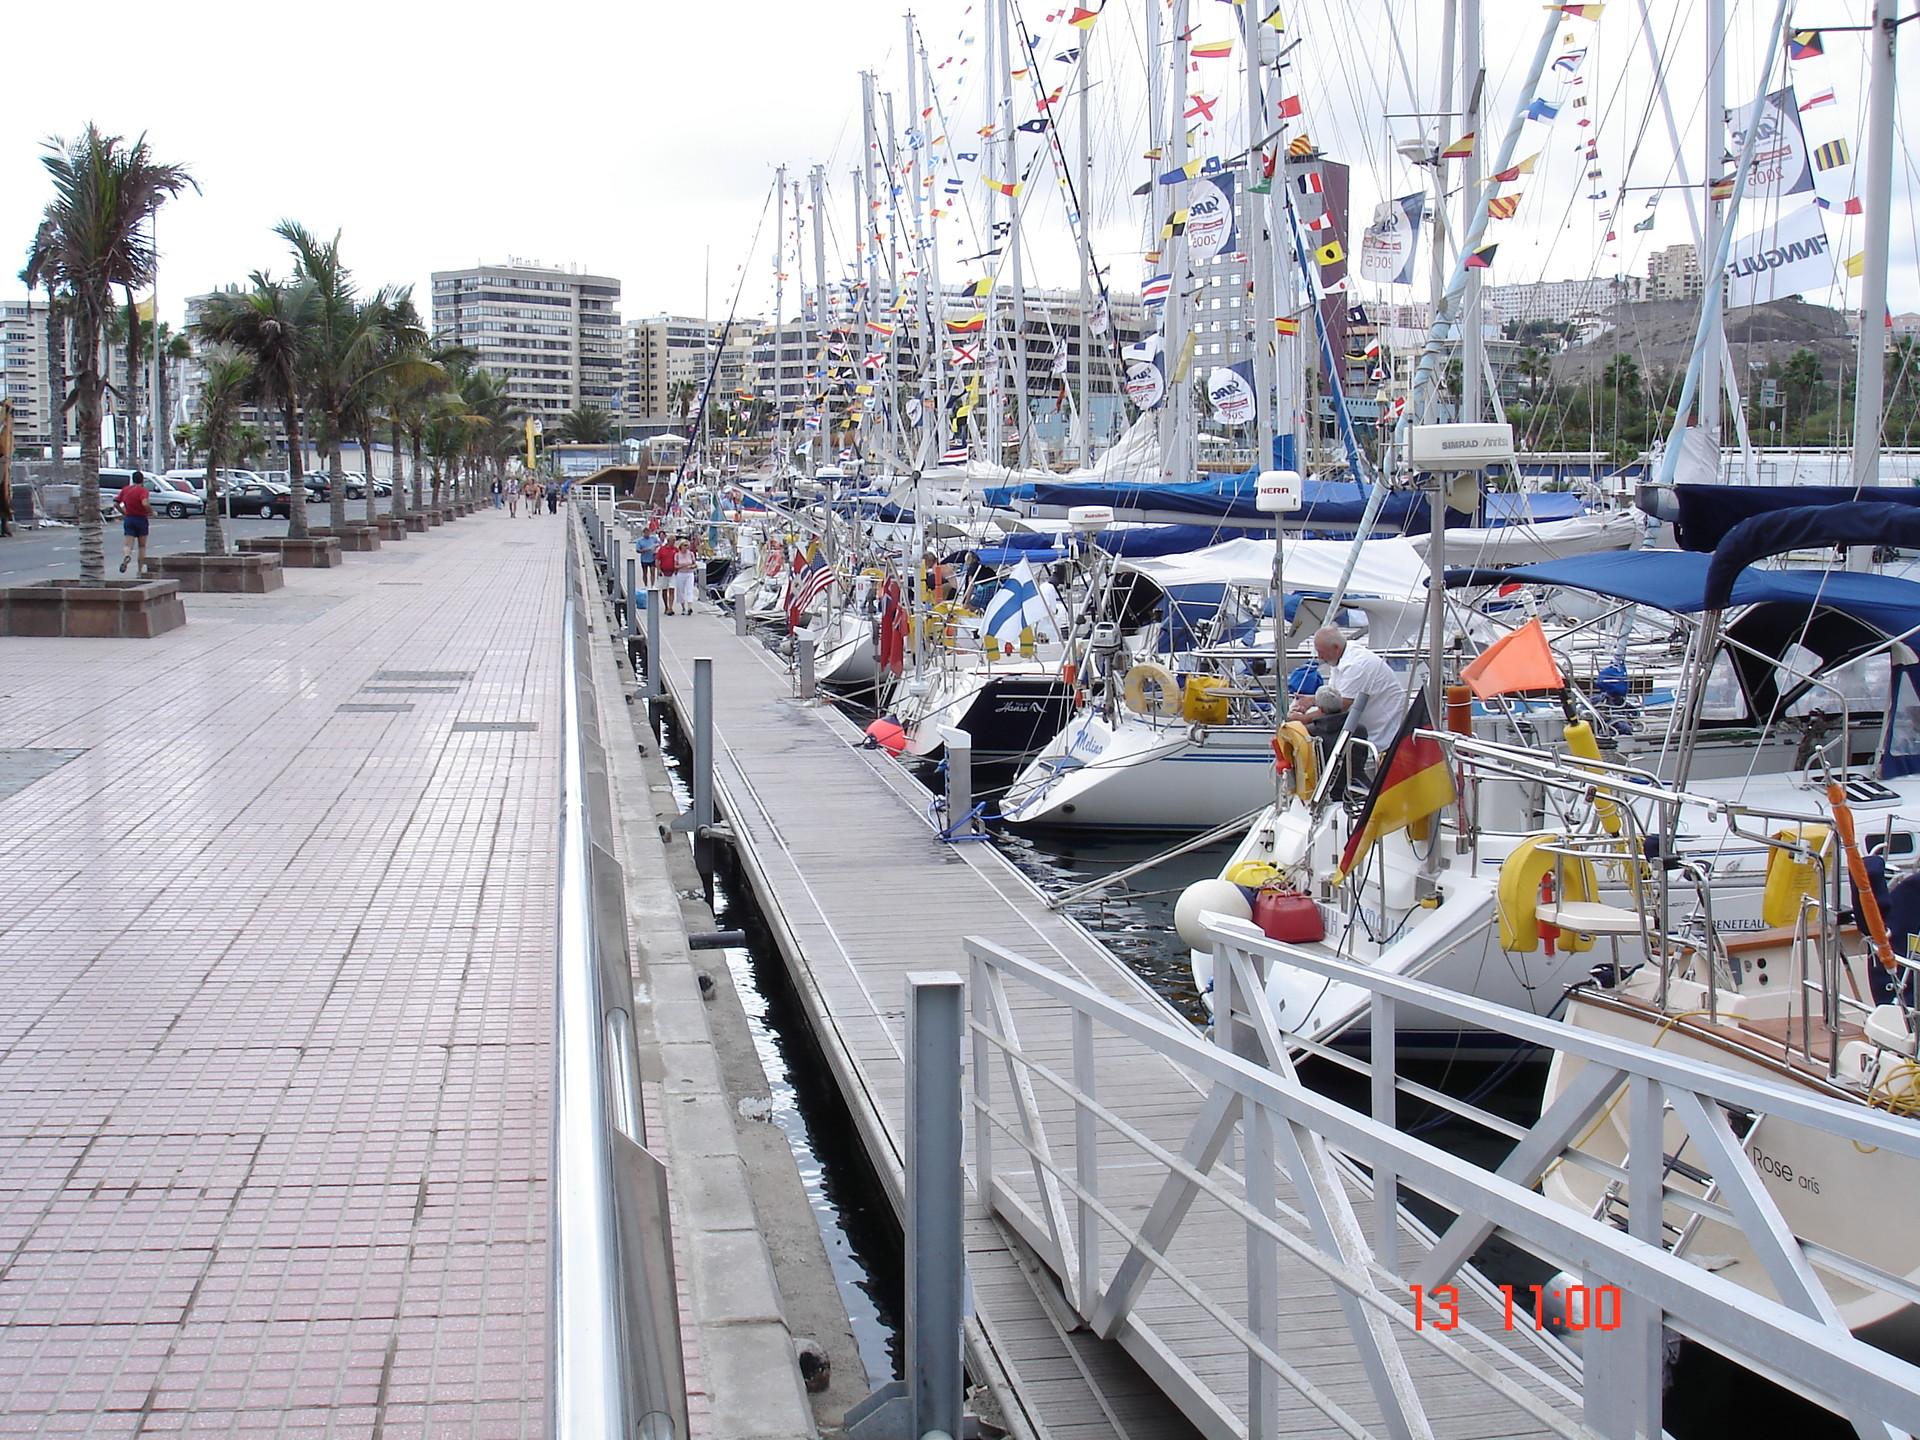 Erasmus experience in Las Palmas de Gran Canaria, Spain by Quentin.